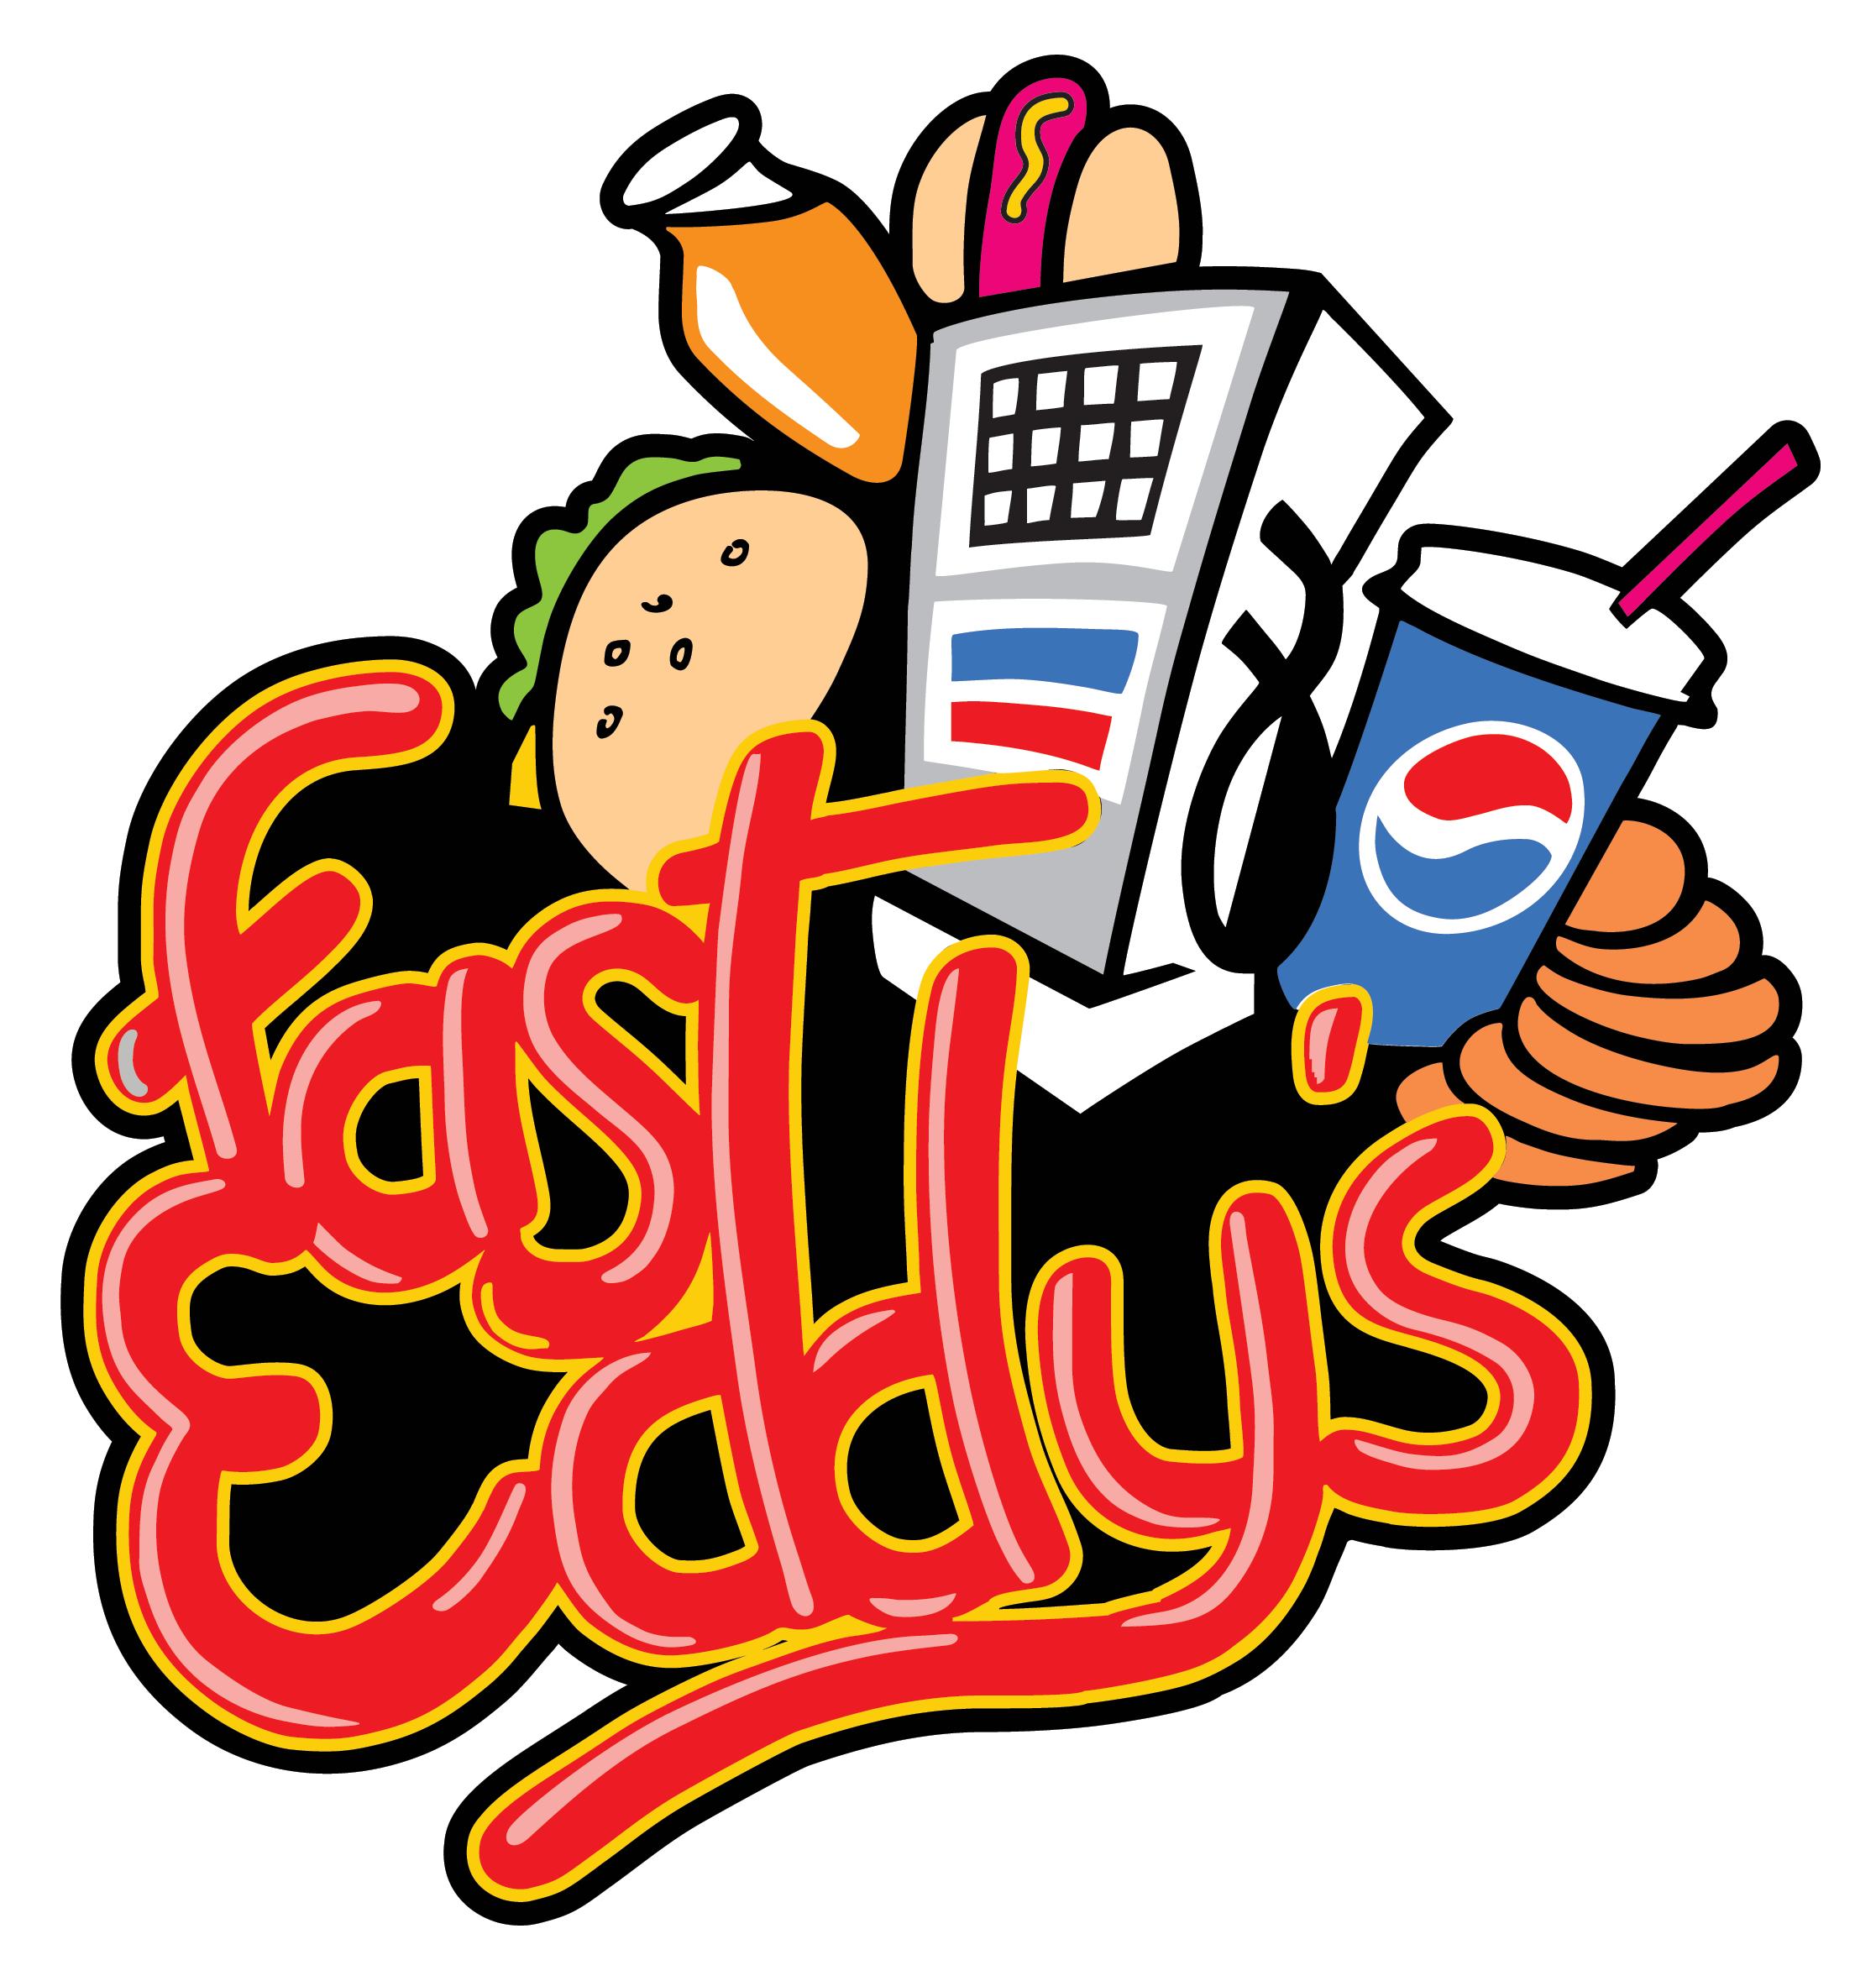 Fast Eddy's Lube logo